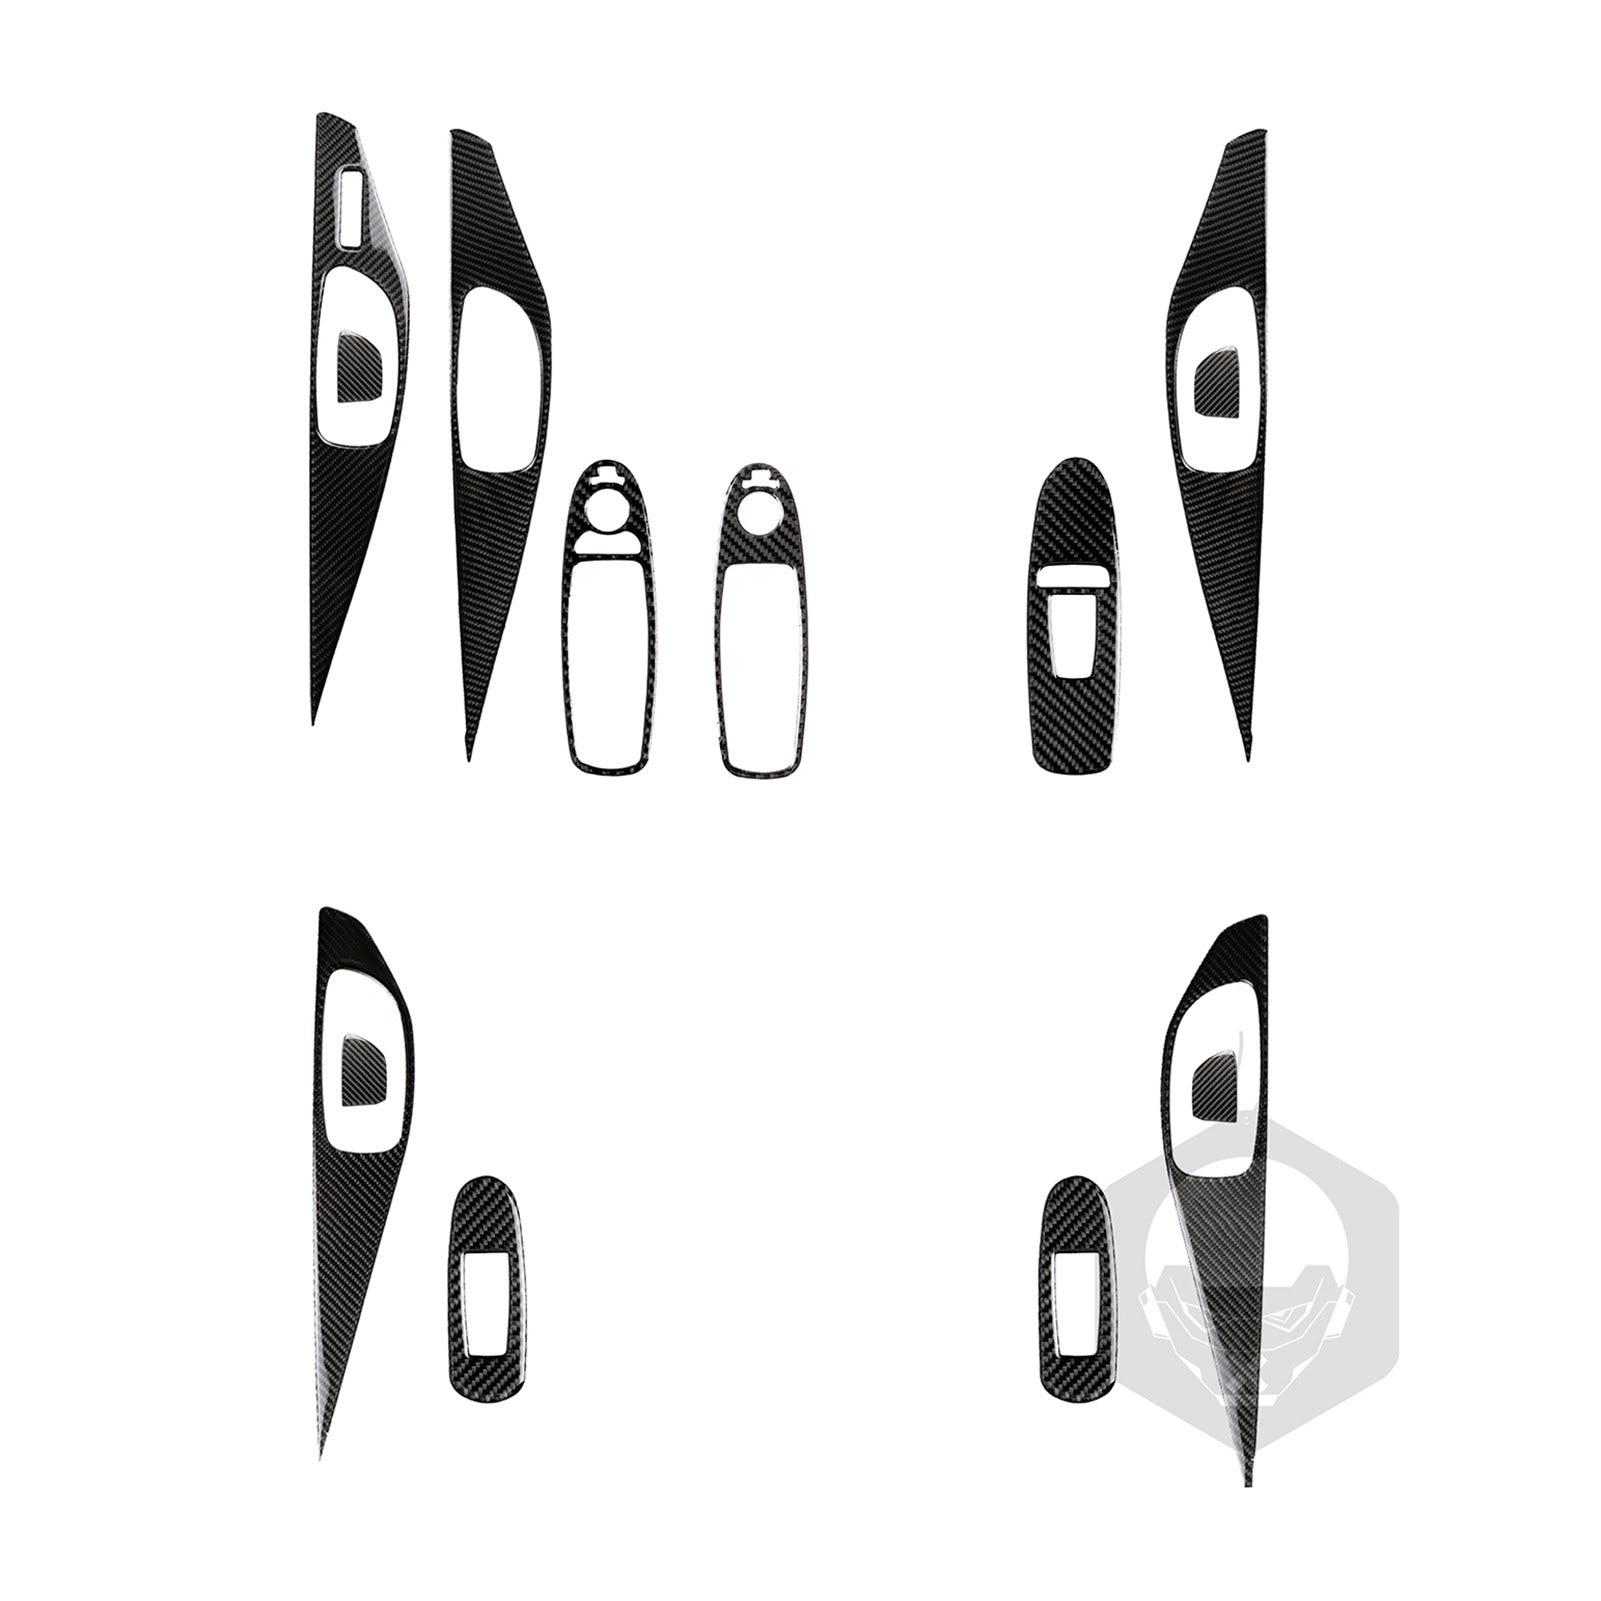 Carbon Fiber Automotive Door Interior Stickers Replacement For Infiniti Q50 Q60 QX50 QX60 Accessories